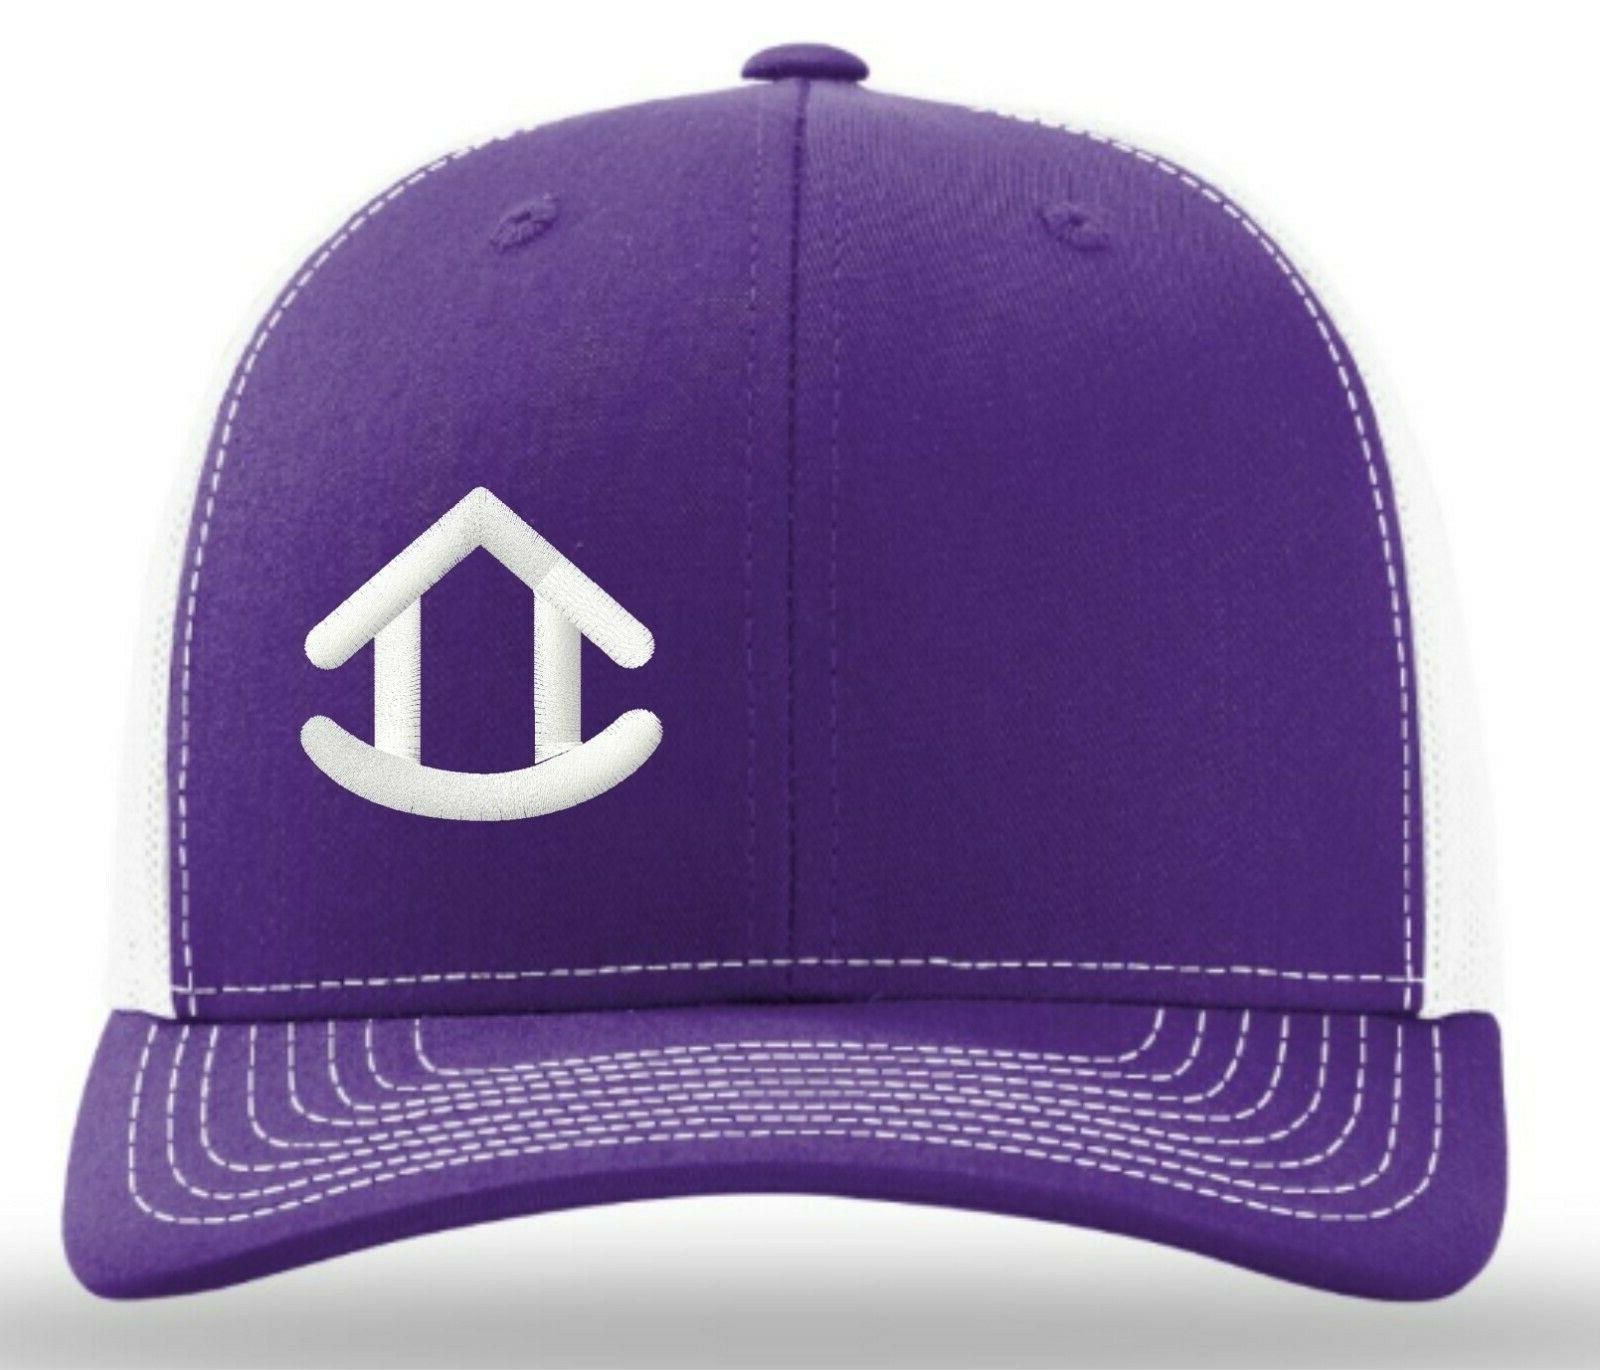 Richardson 112 Customized Hats or